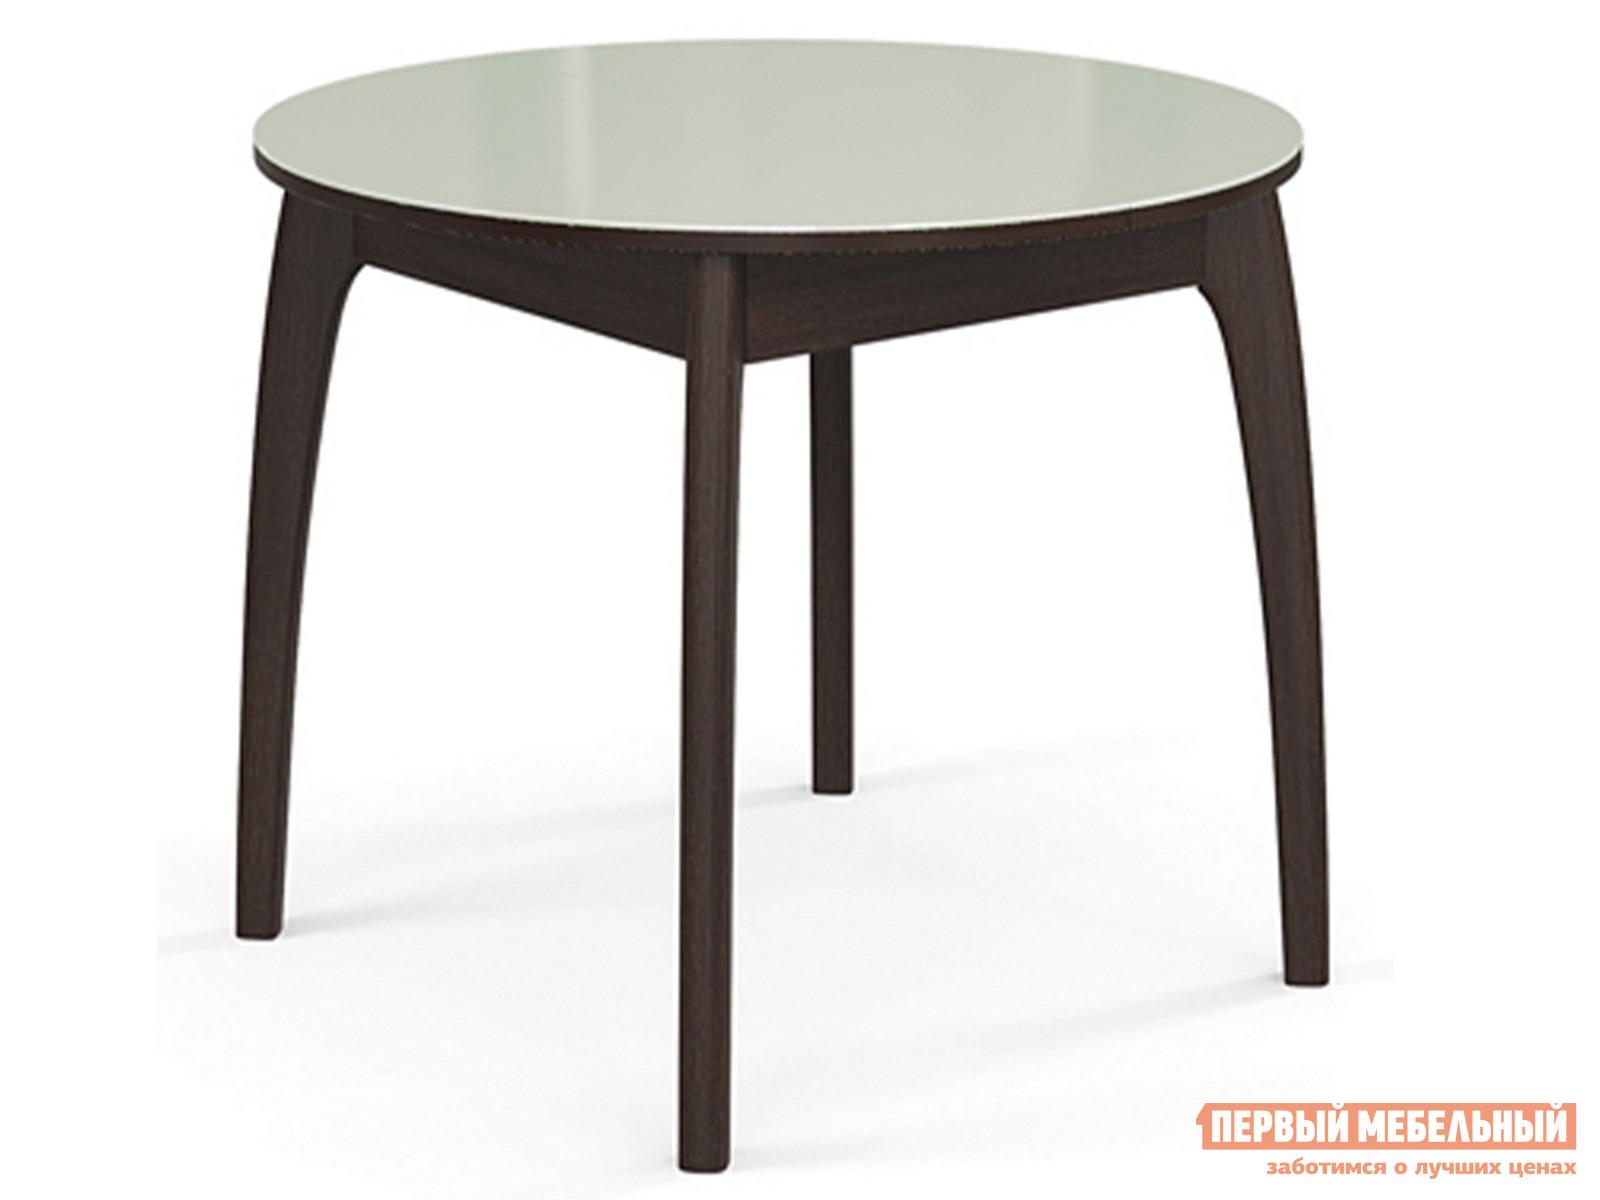 Кухонный стол  Стол №46 ДН4 (круглый) Венге / Стекло белое